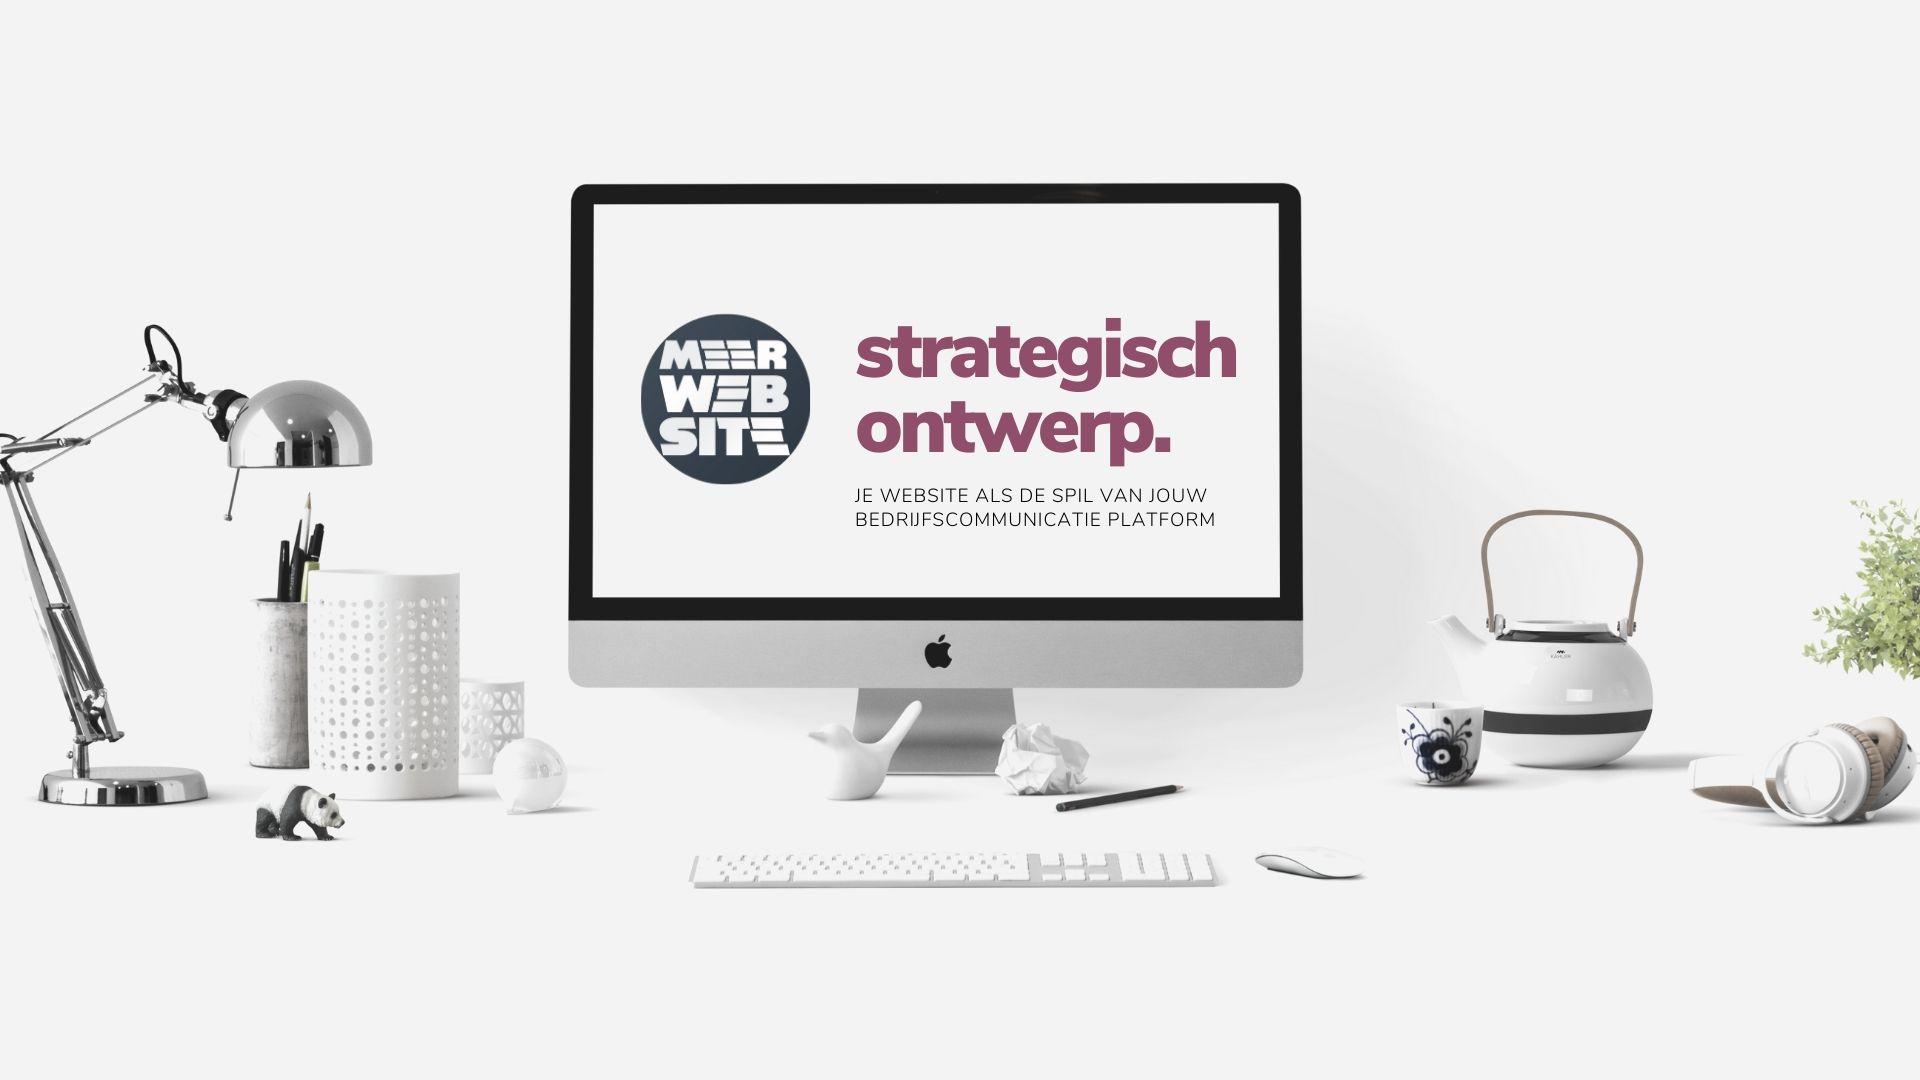 Meer-Website-strategisch-ontwerp